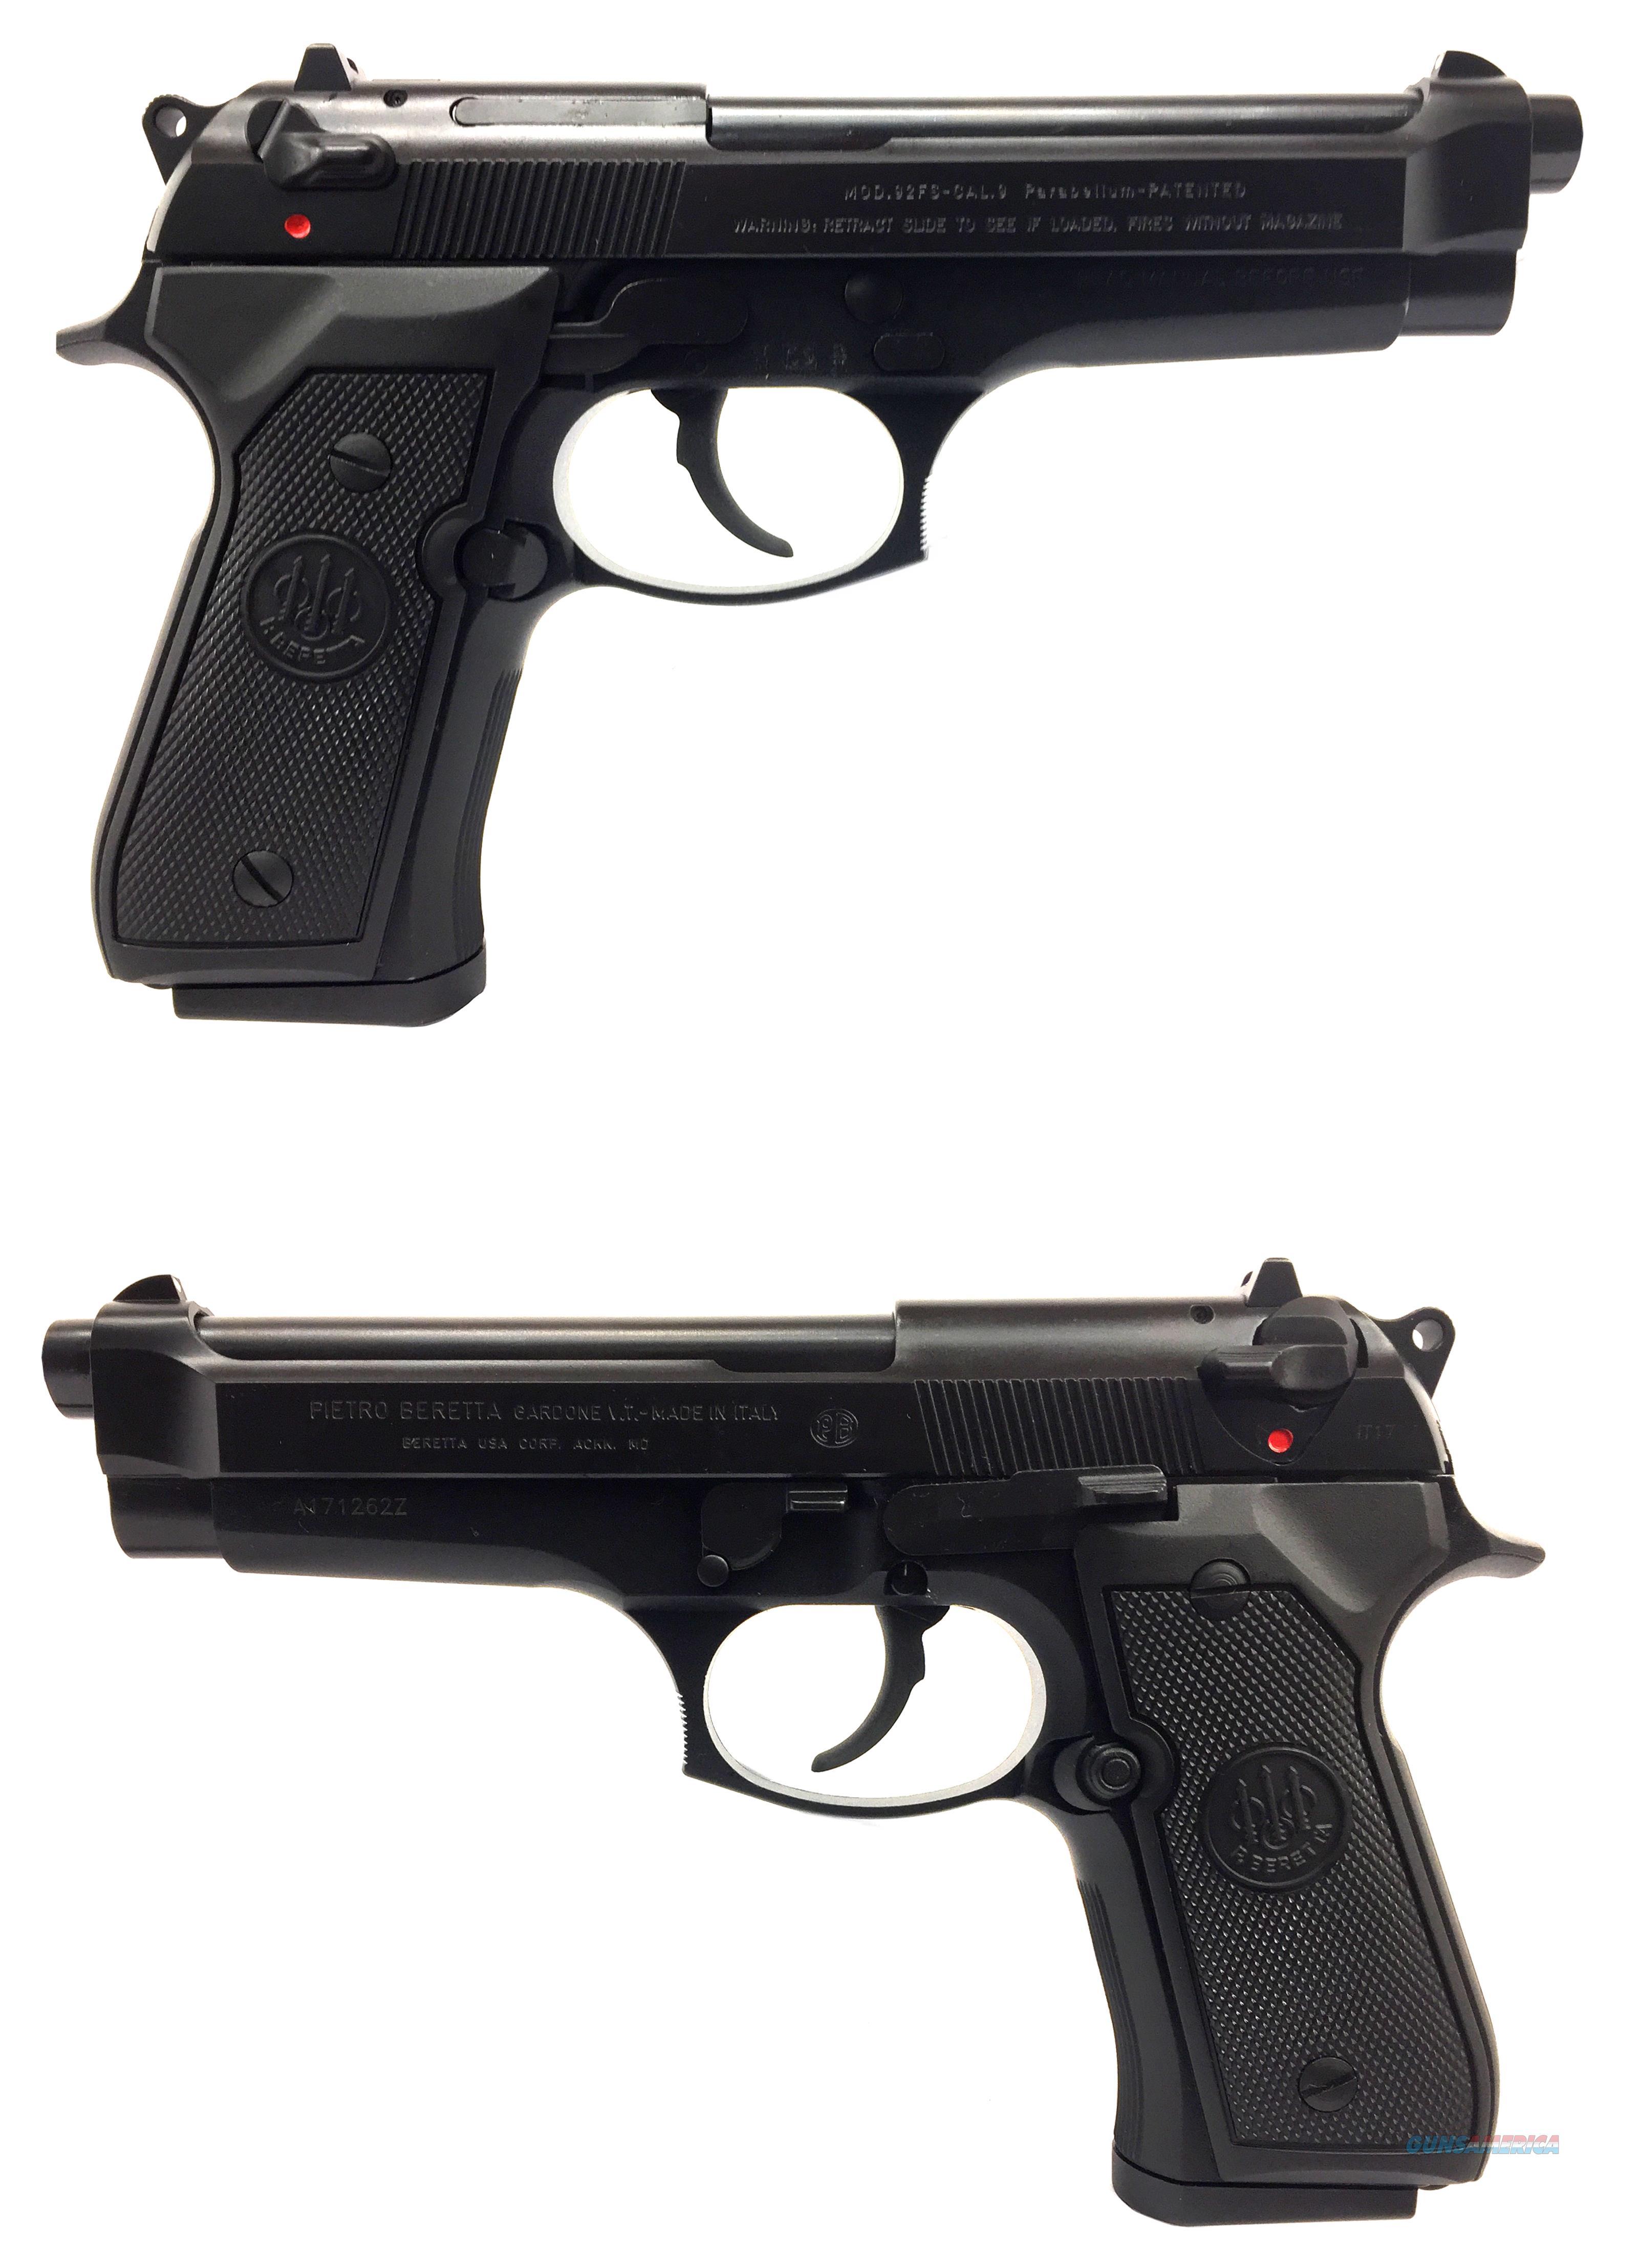 Beretta 92 FS 9MM Semi-Automatic Pistol  Guns > Pistols > Beretta Pistols > Model 92 Series